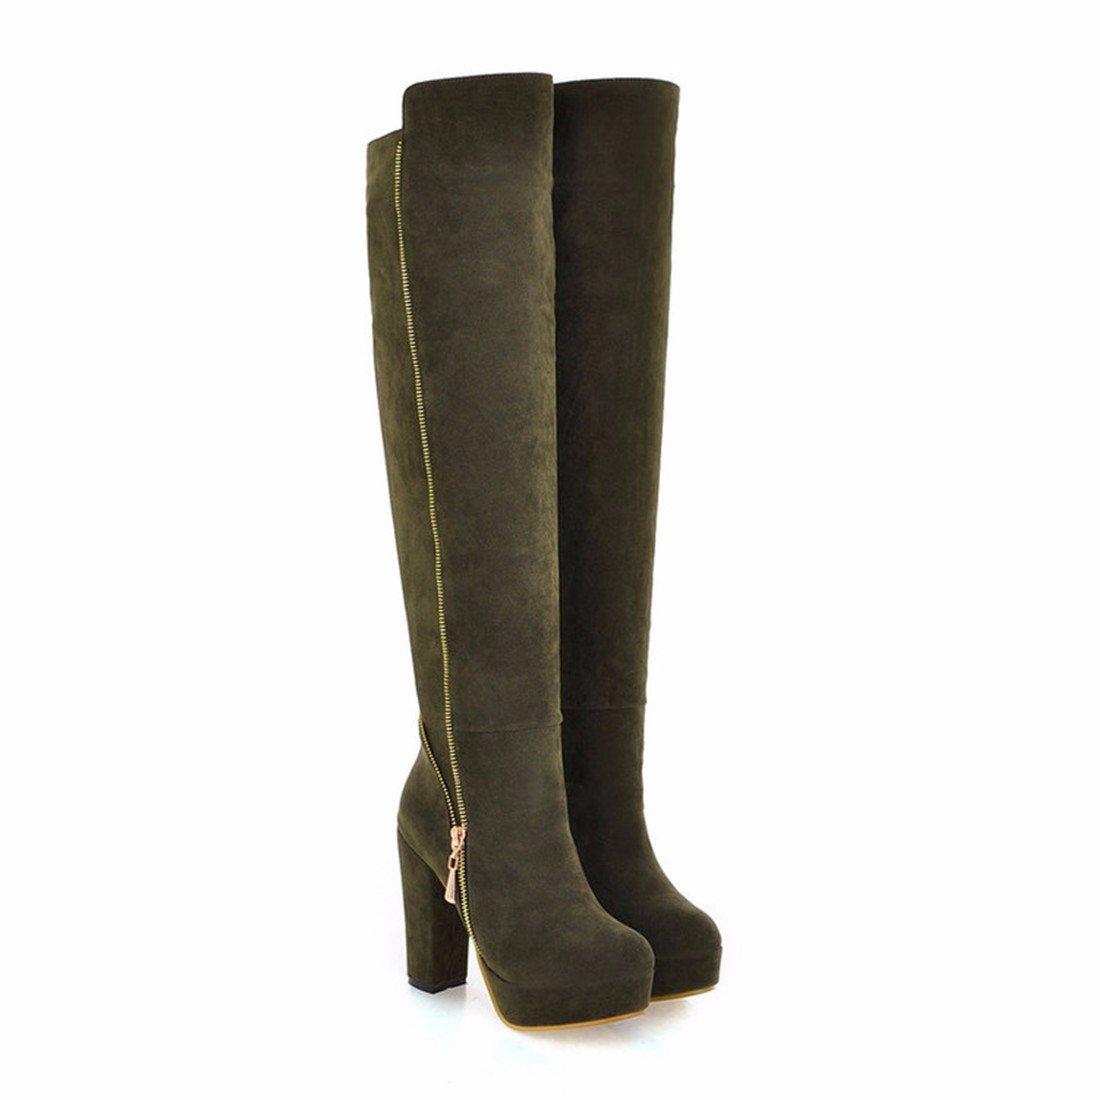 Damen Winter Stiefel Stiefel Stiefel mit Army hohen Absätzen Dick unten Army mit green 437a10